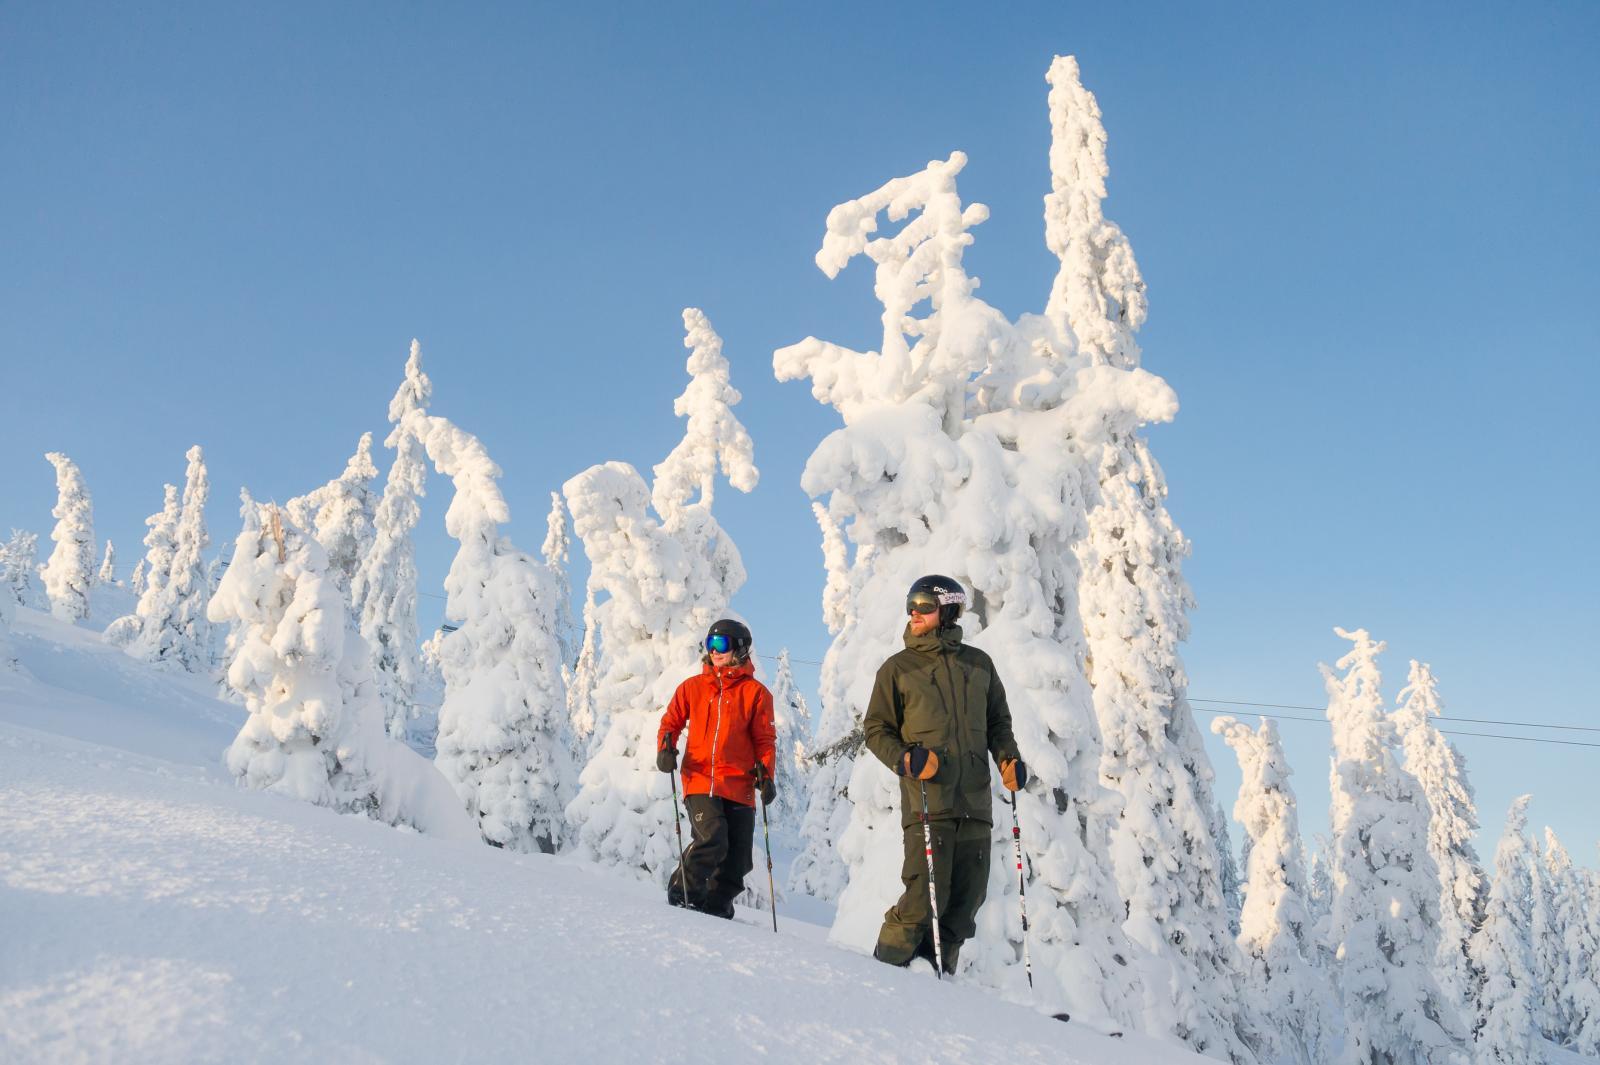 Wintersporten in Noorwegen